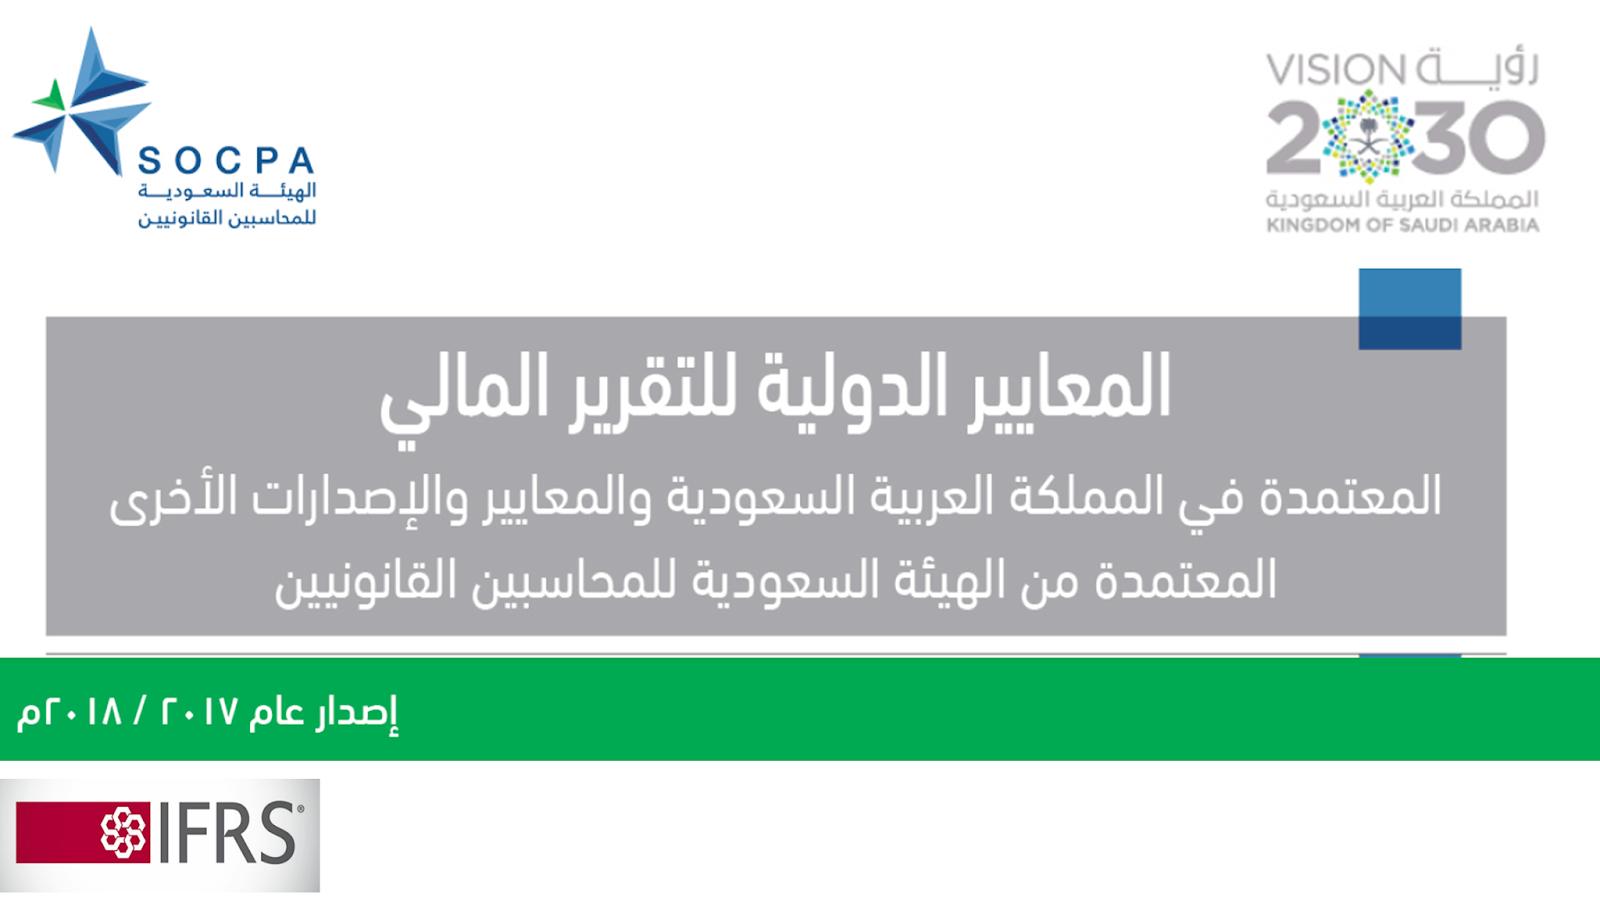 المعايير الدولية للتقرير المالي Ifrs المعتمدة في المملكة العربية السعودية والمعايير والاصدارات الاخرى المعتمدة من الهيئة السعودية للمحاسبين القانونيين Socpa